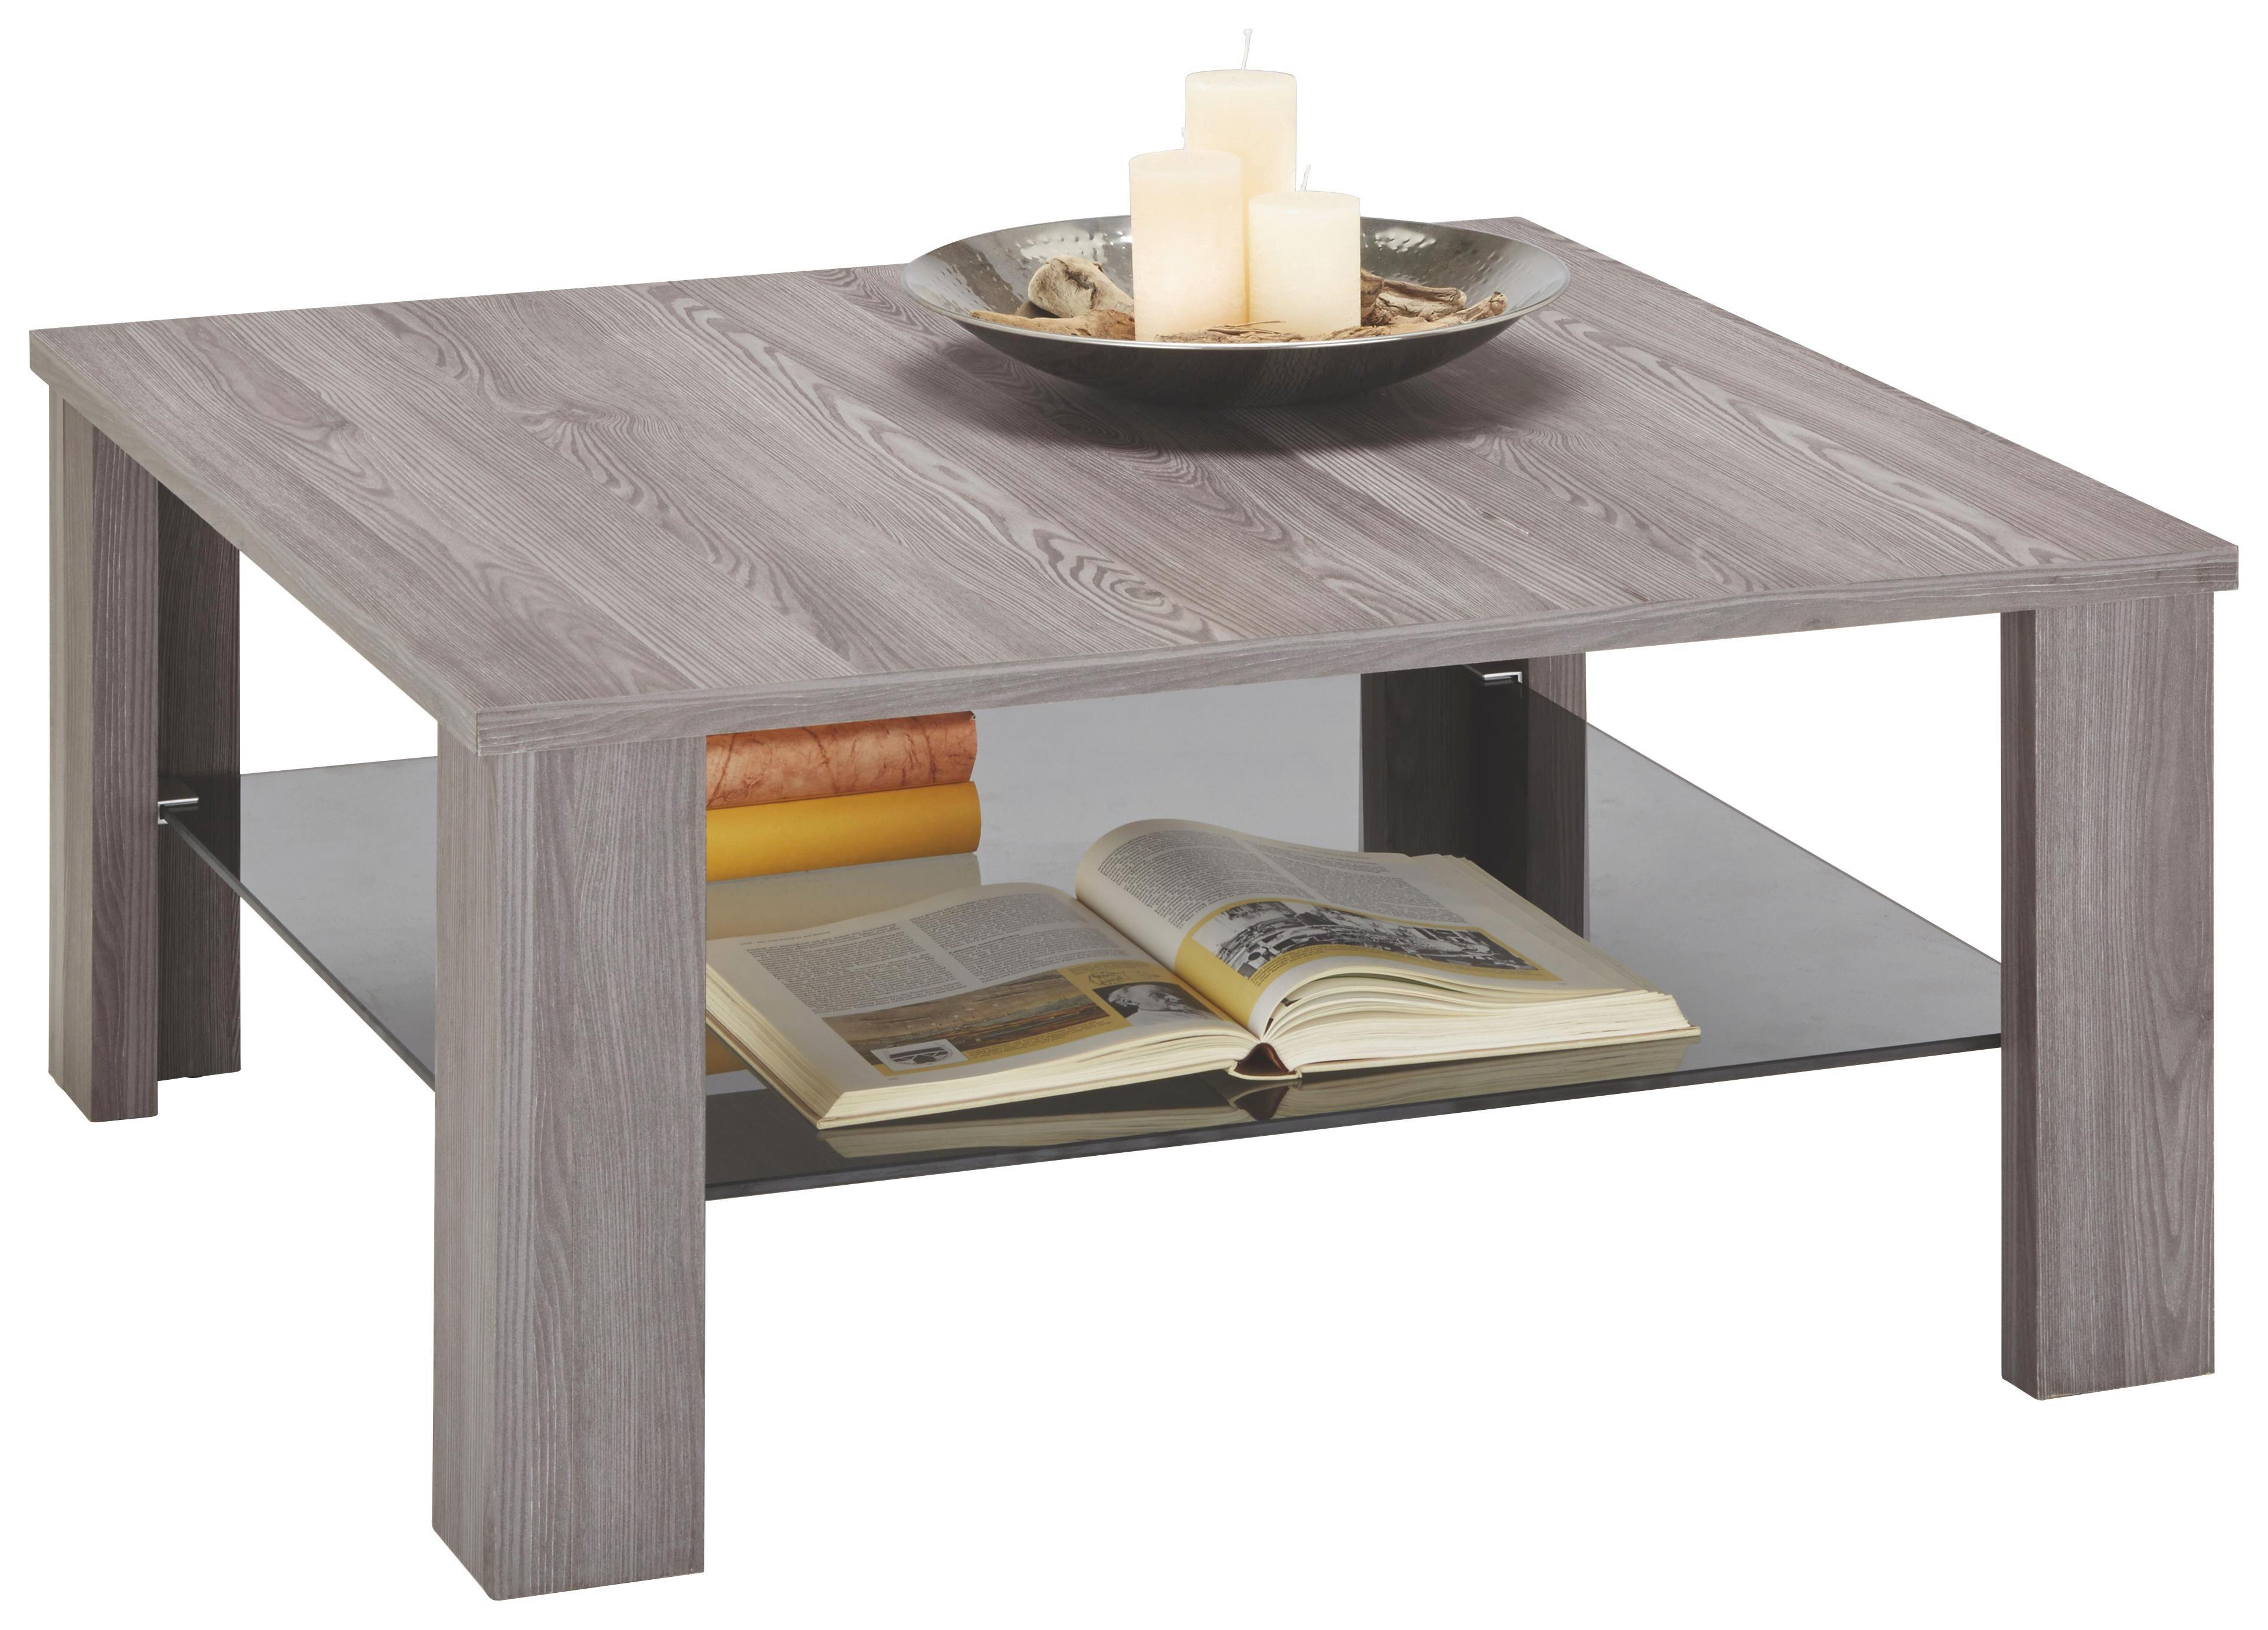 couchtisch mit glaseinlage couchtisch glas neueste innovation zu with couchtisch mit. Black Bedroom Furniture Sets. Home Design Ideas